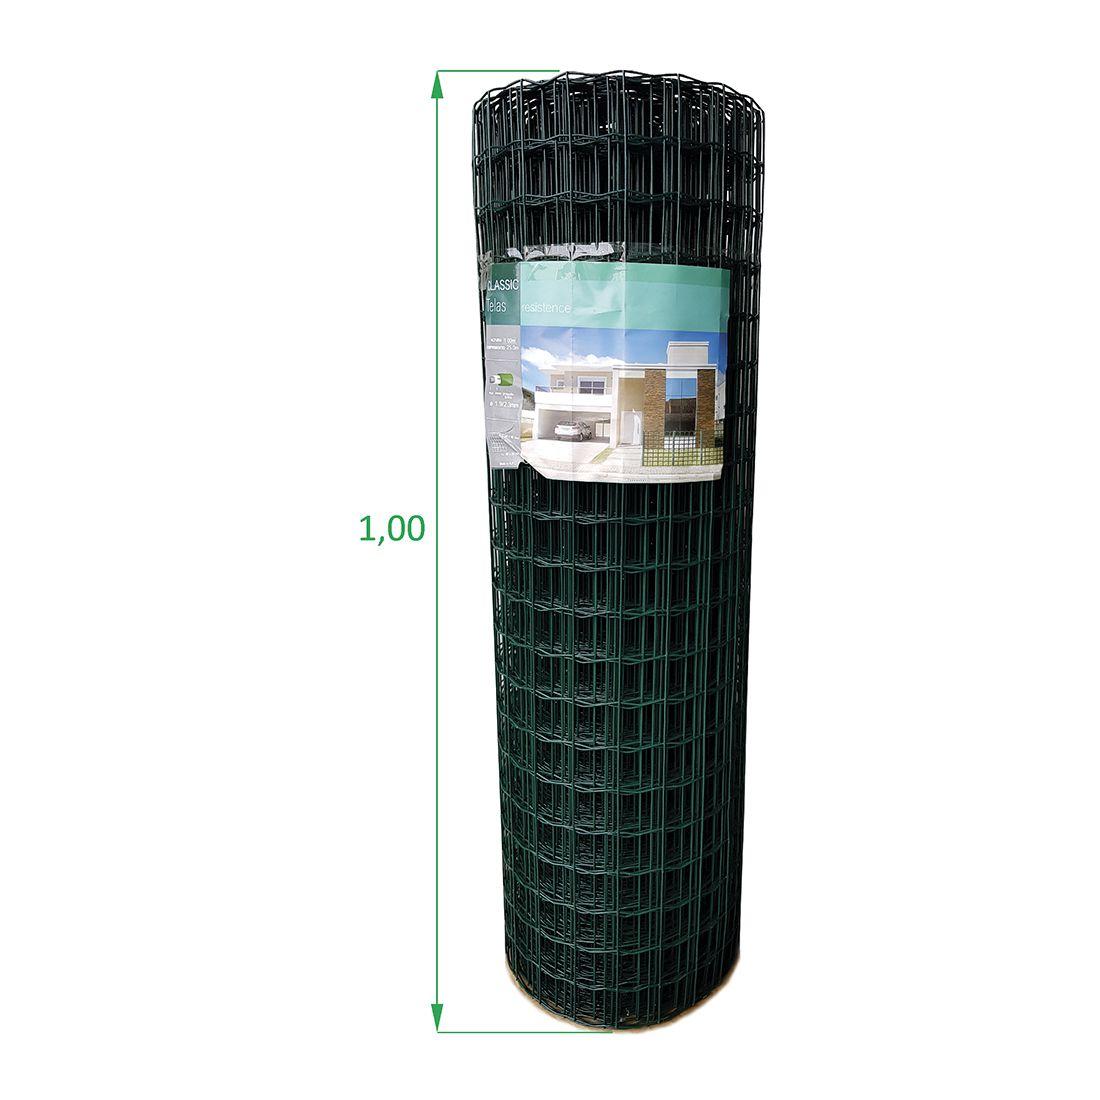 Tela Soldada e Revestida em PVC - 1,00 x 25 m - Malha 5x5